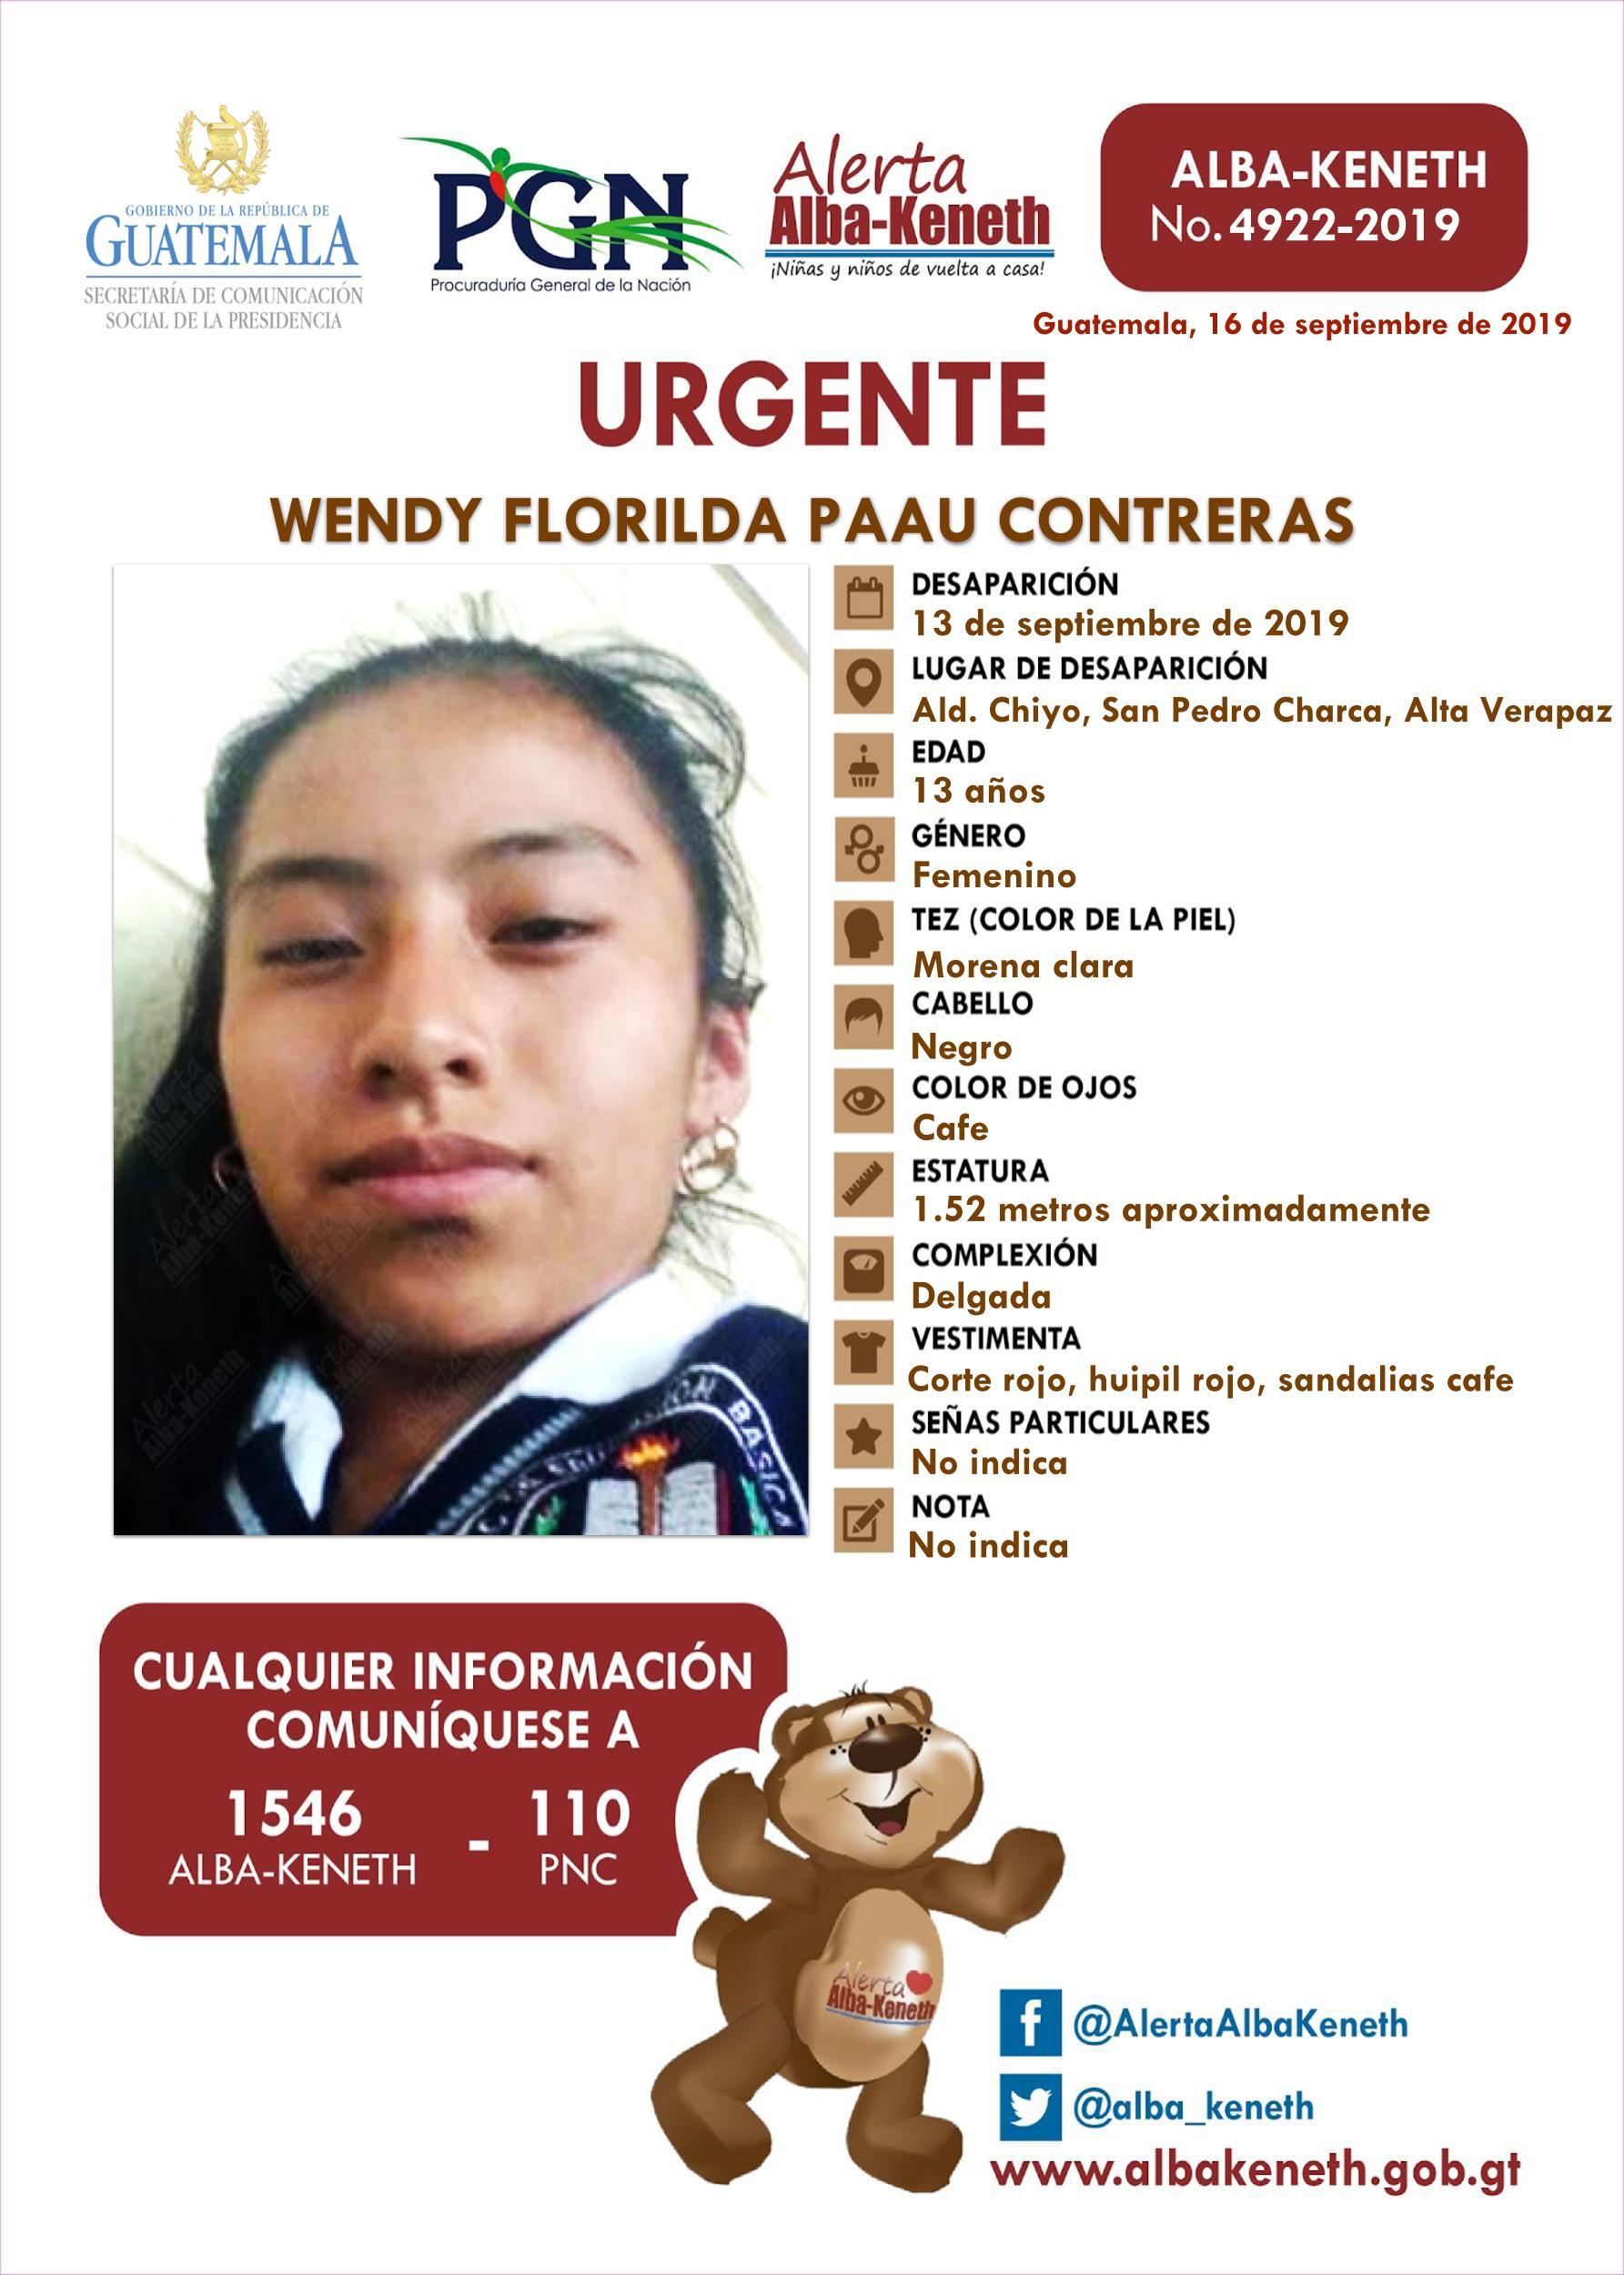 Wendy Florilda Paau Contreras